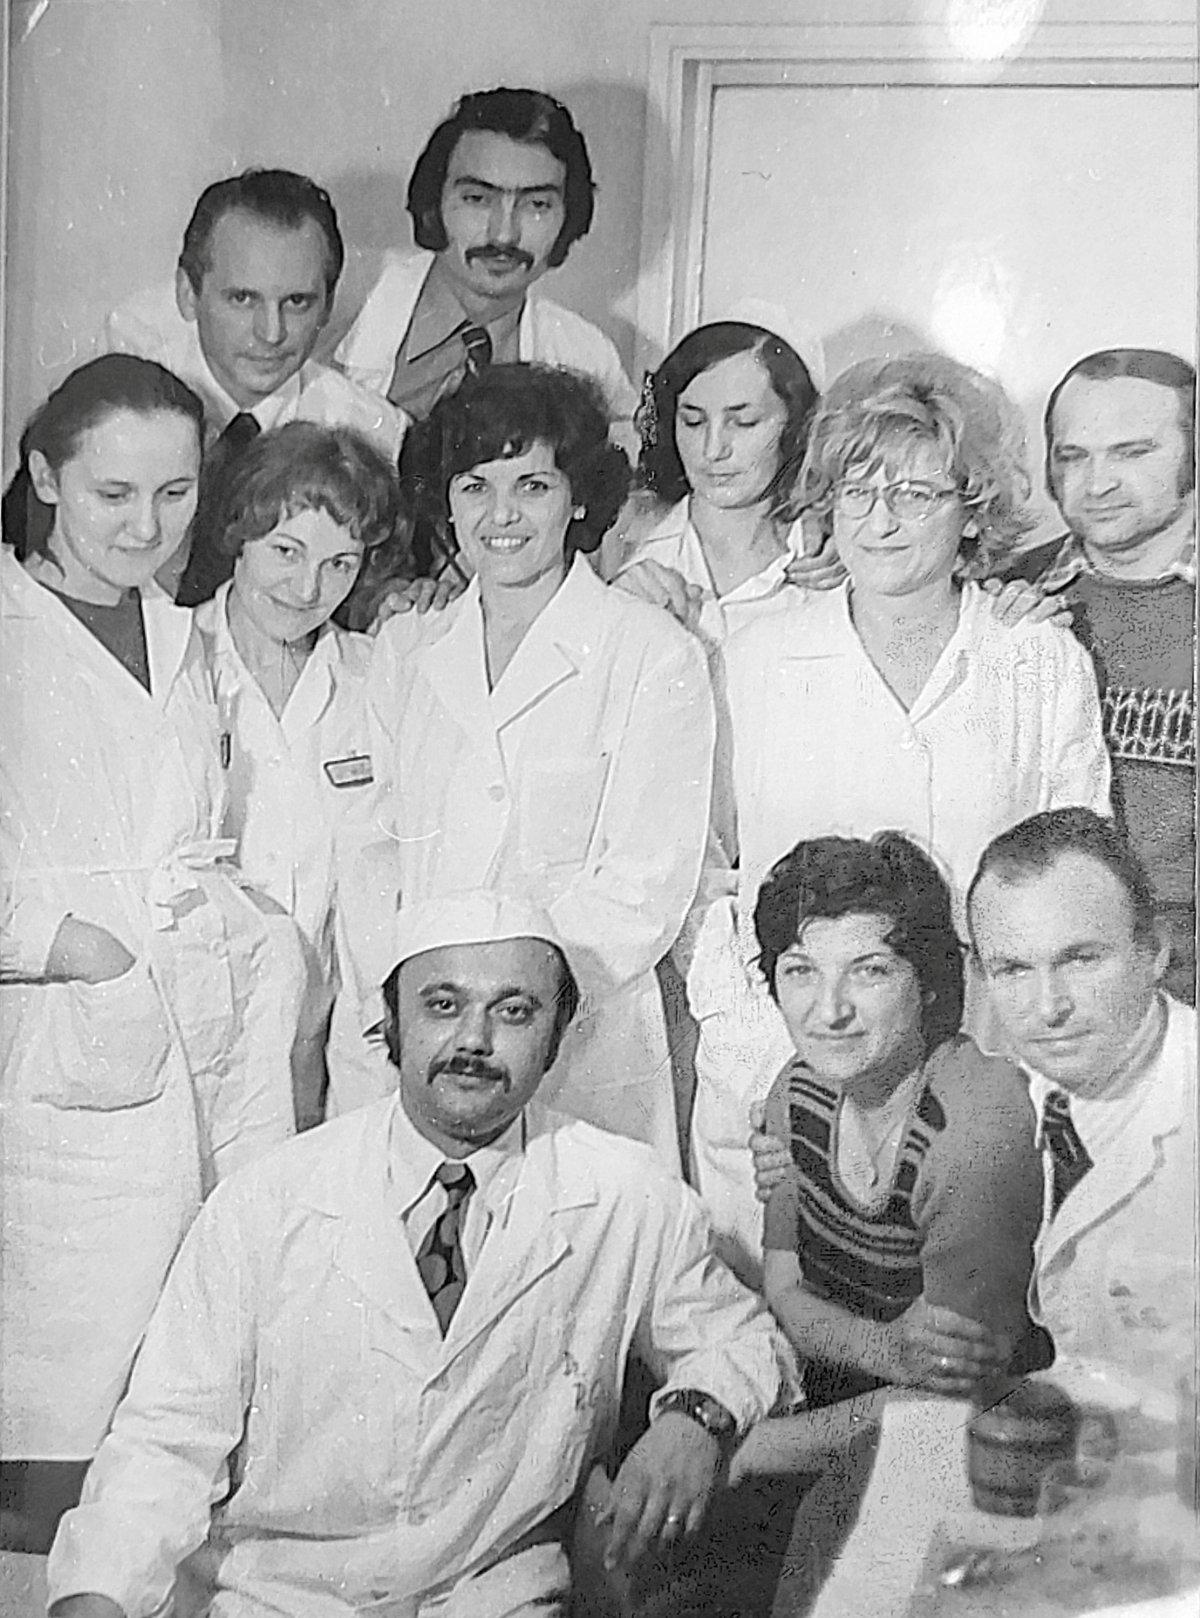 Munkaközösség a patológiai, kórszövettani és kórbonctani osztályon a 70-es években •  Fotó: Rédai Erzsébet archívuma